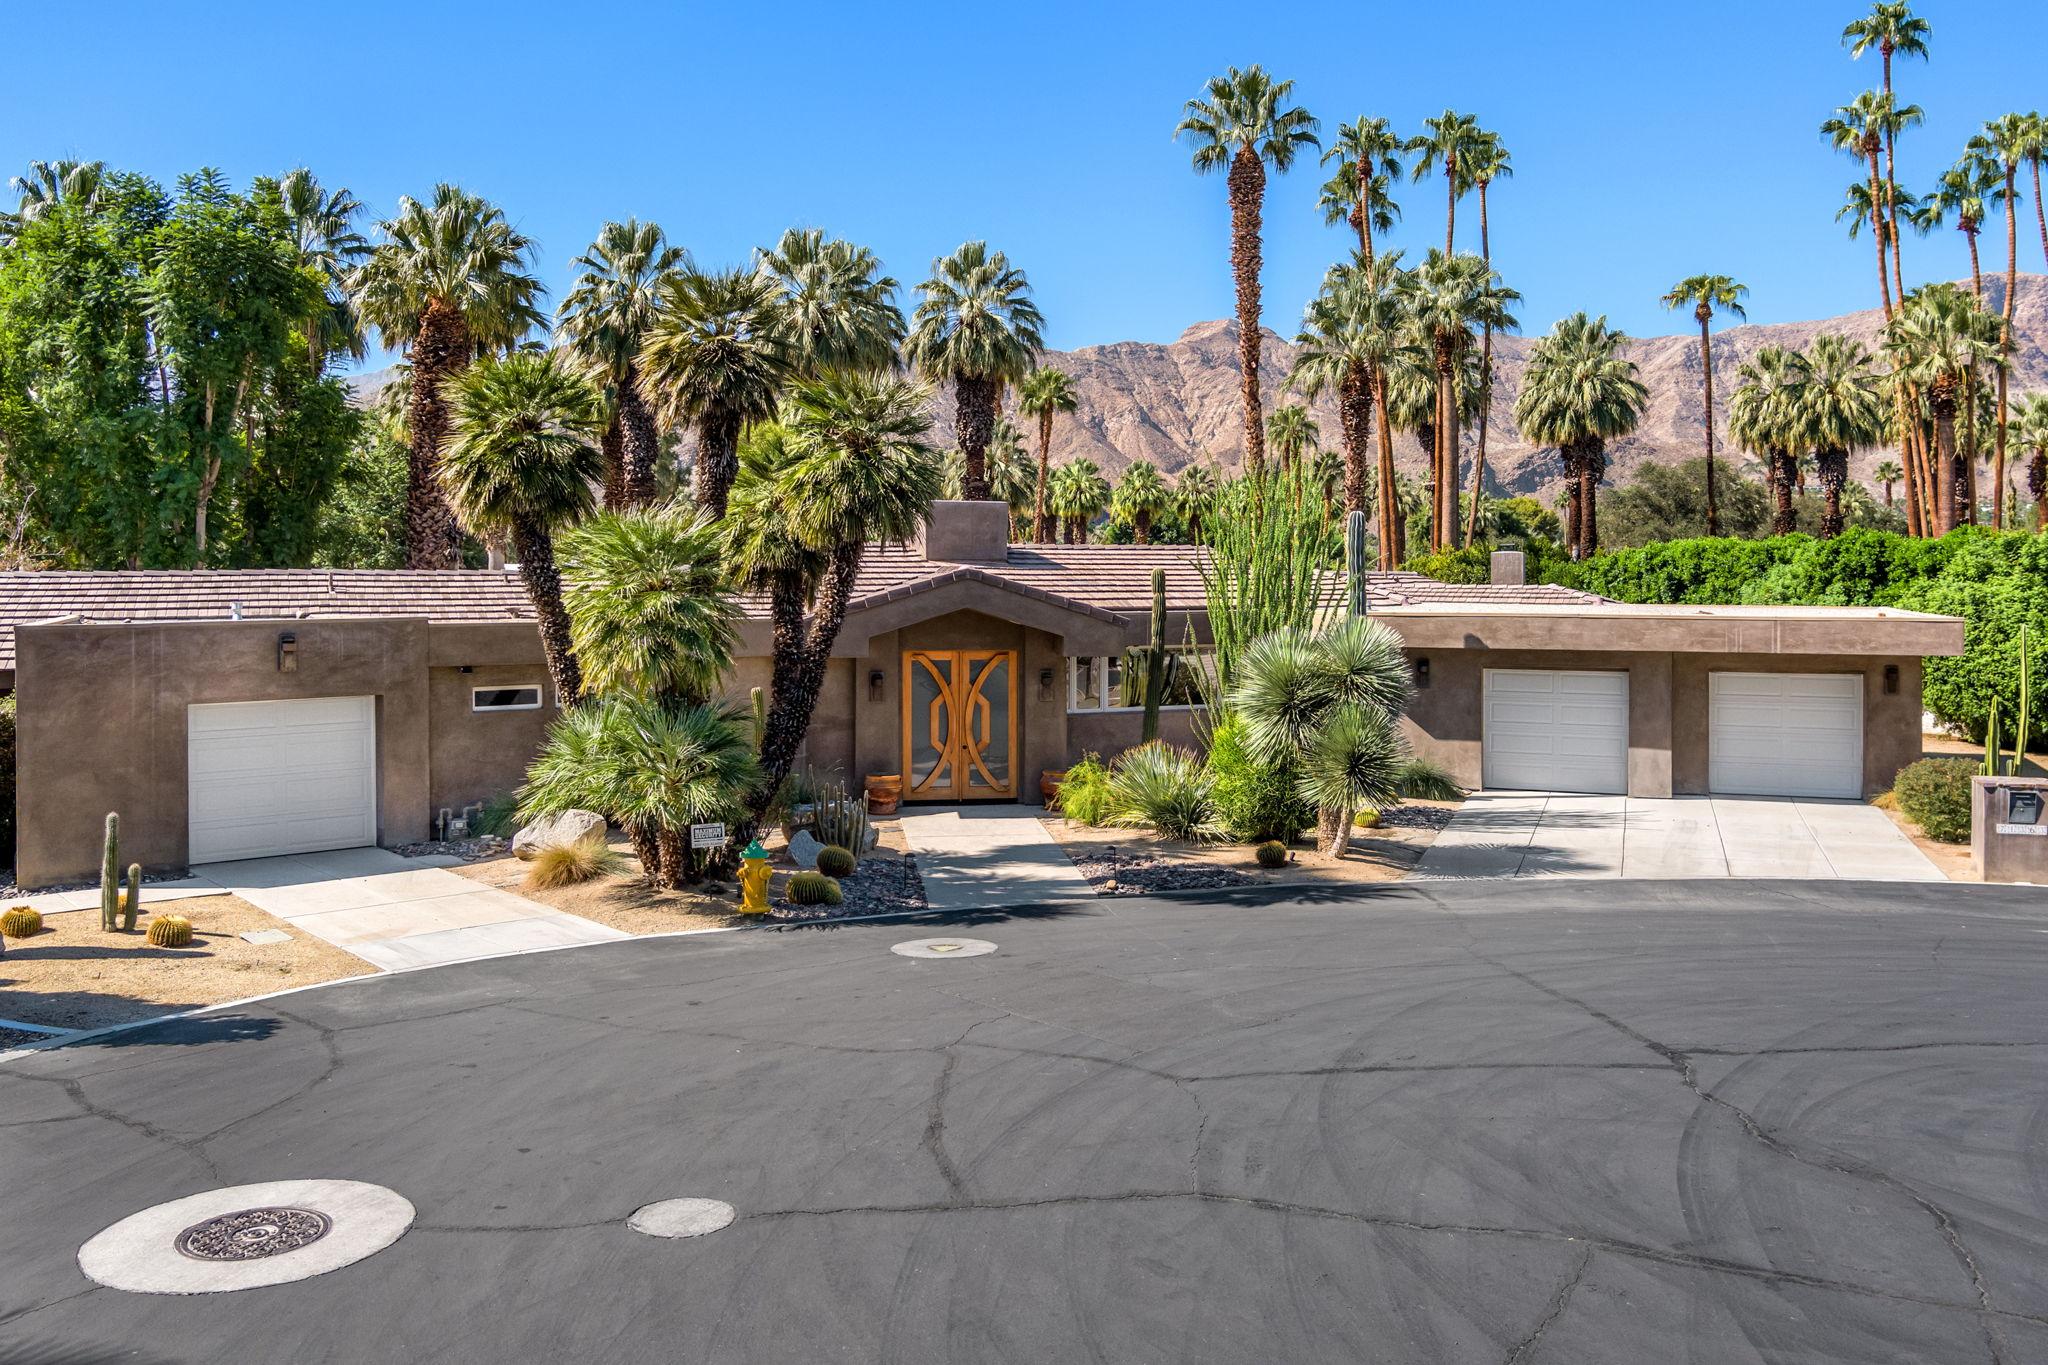 71363 Cypress Dr, Rancho Mirage, CA 92270, USA Photo 3